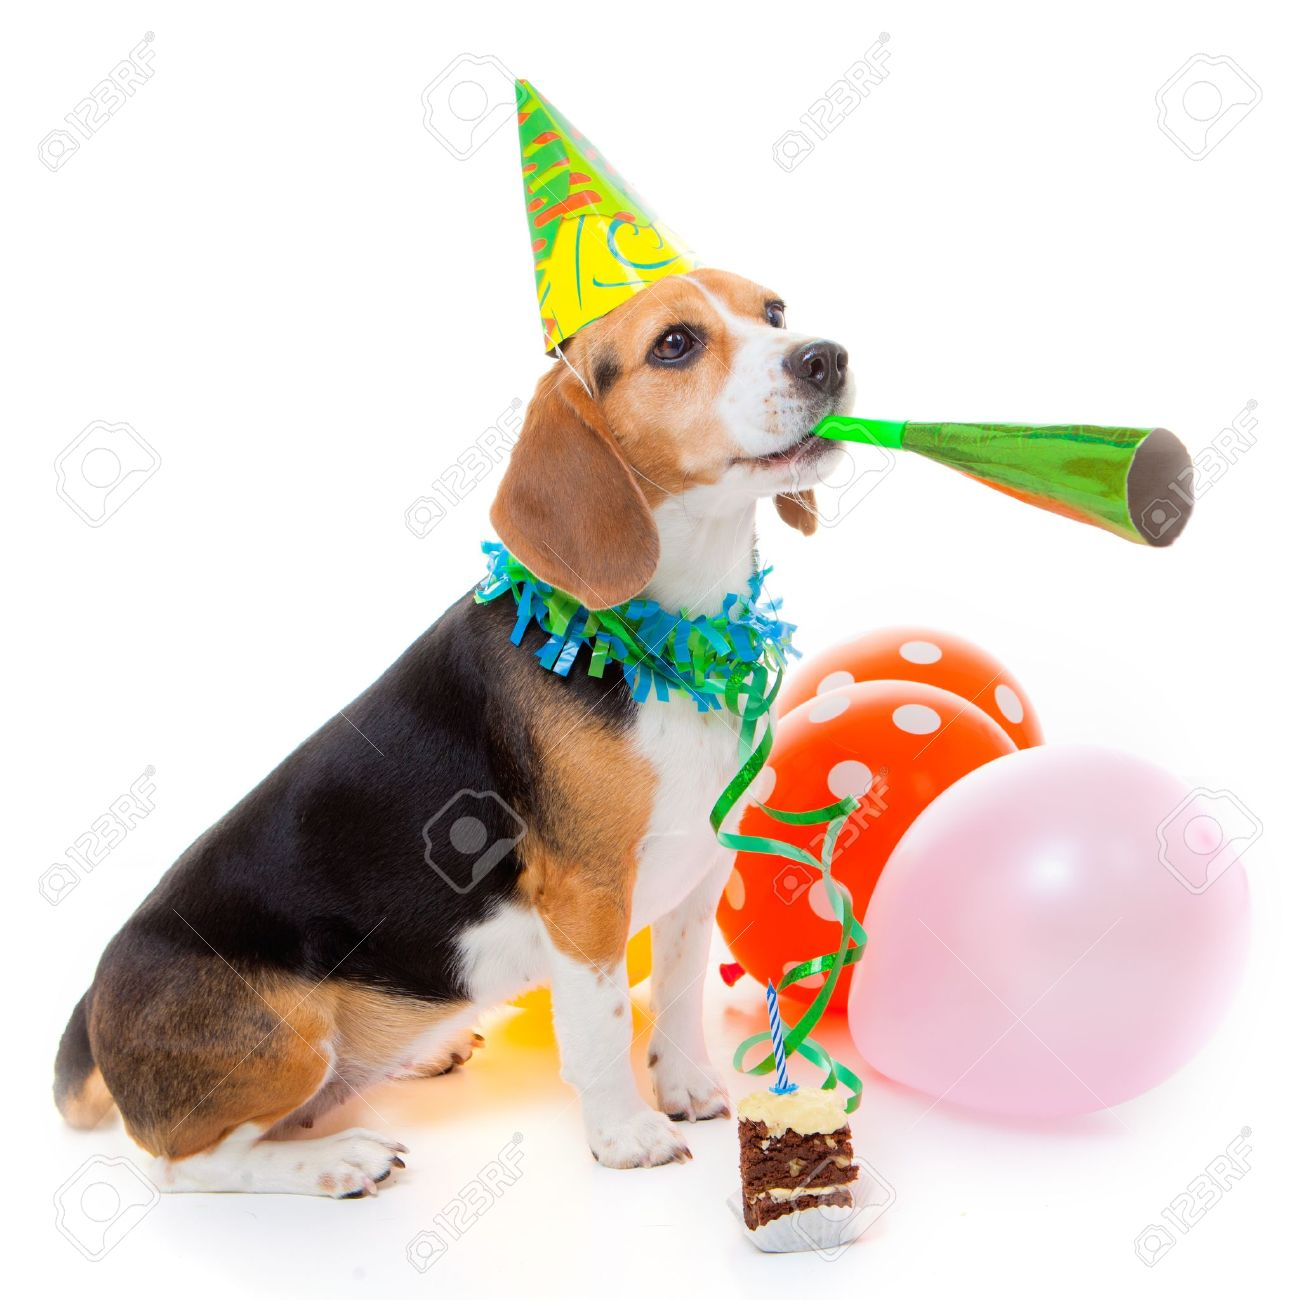 Chien Animal Fete Celebrant Anniversaire Ou Un Anniversaire Banque D Images Et Photos Libres De Droits Image 17991022